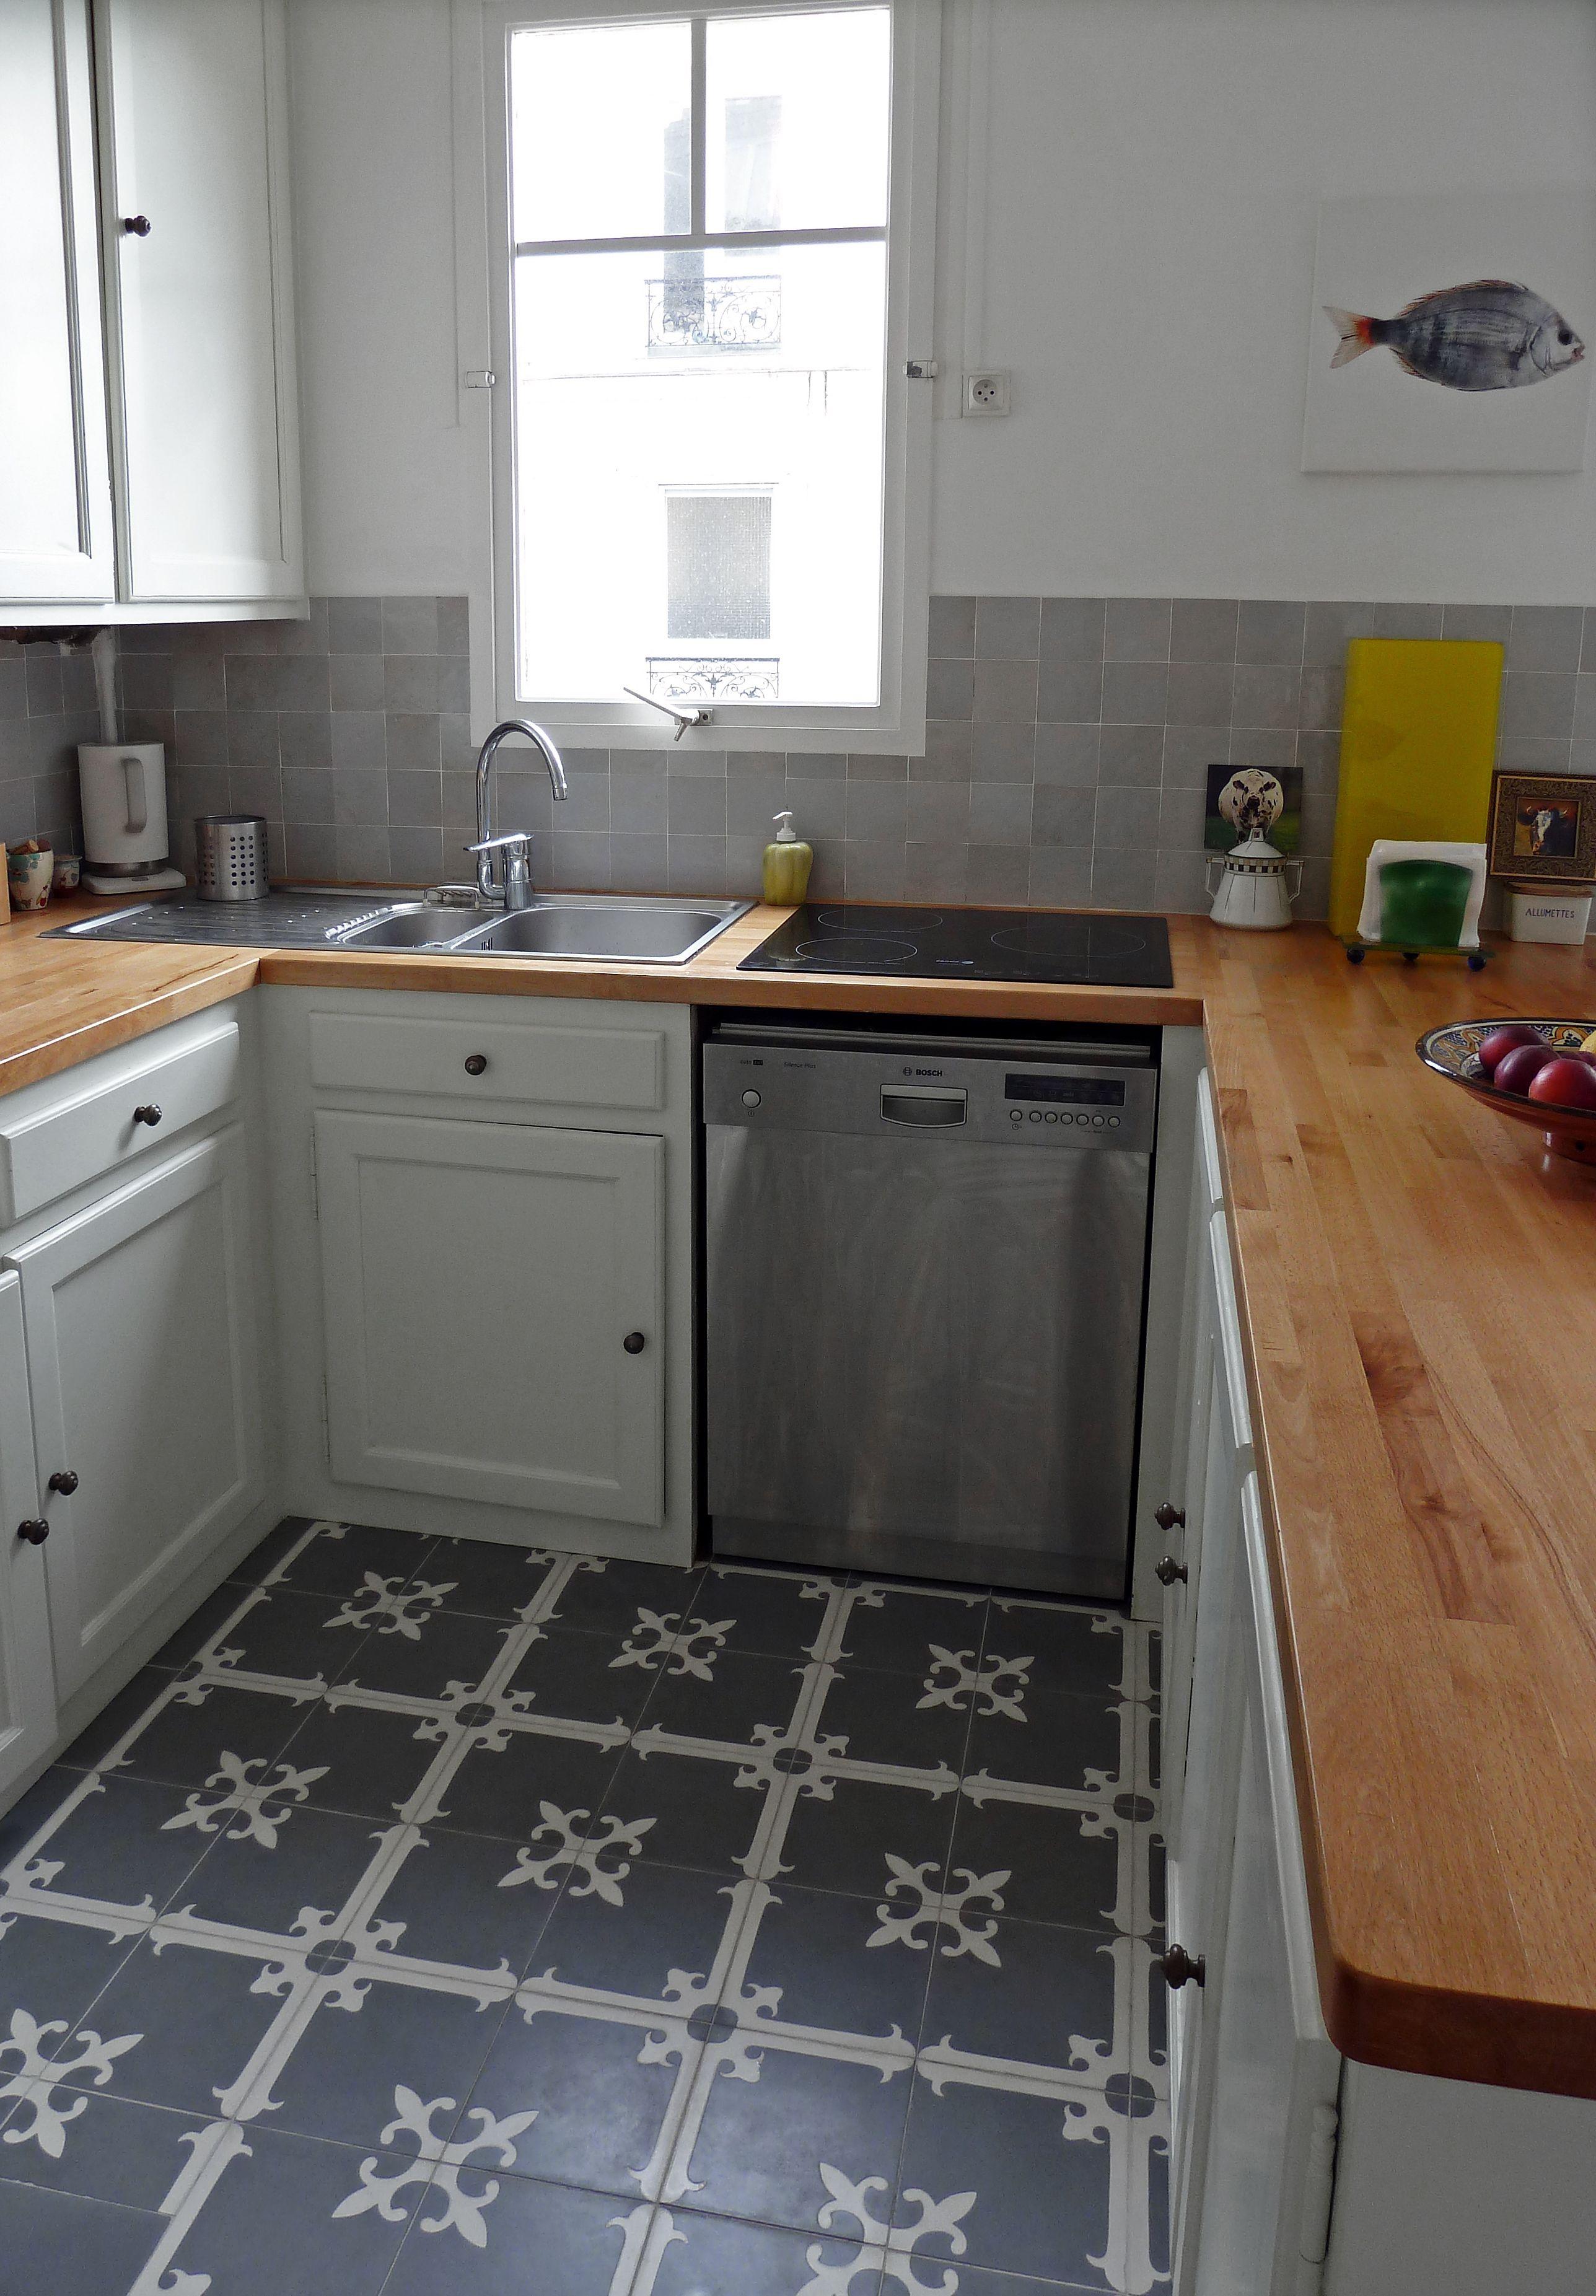 zementfliesen küche bilder | casa 1 zementfliesen